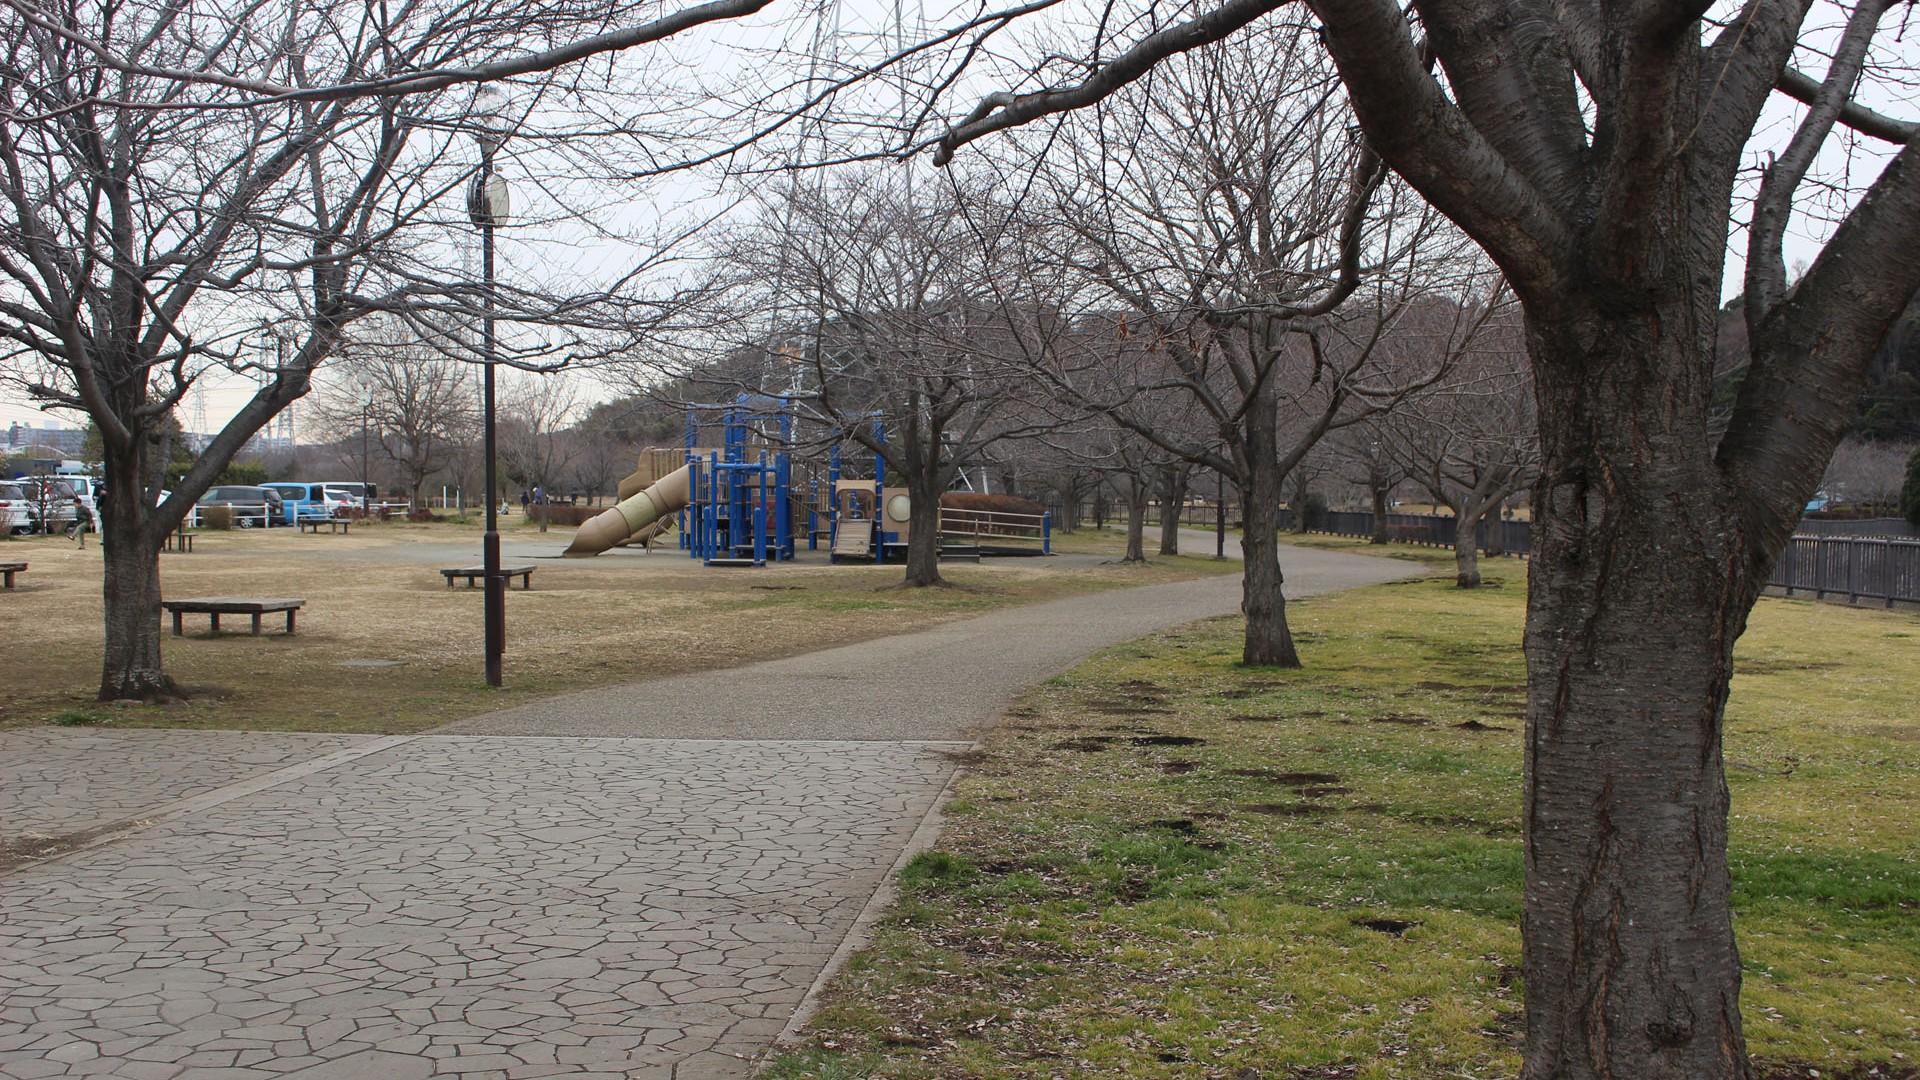 สวนฮิคิจิงะวะ ชินซุย